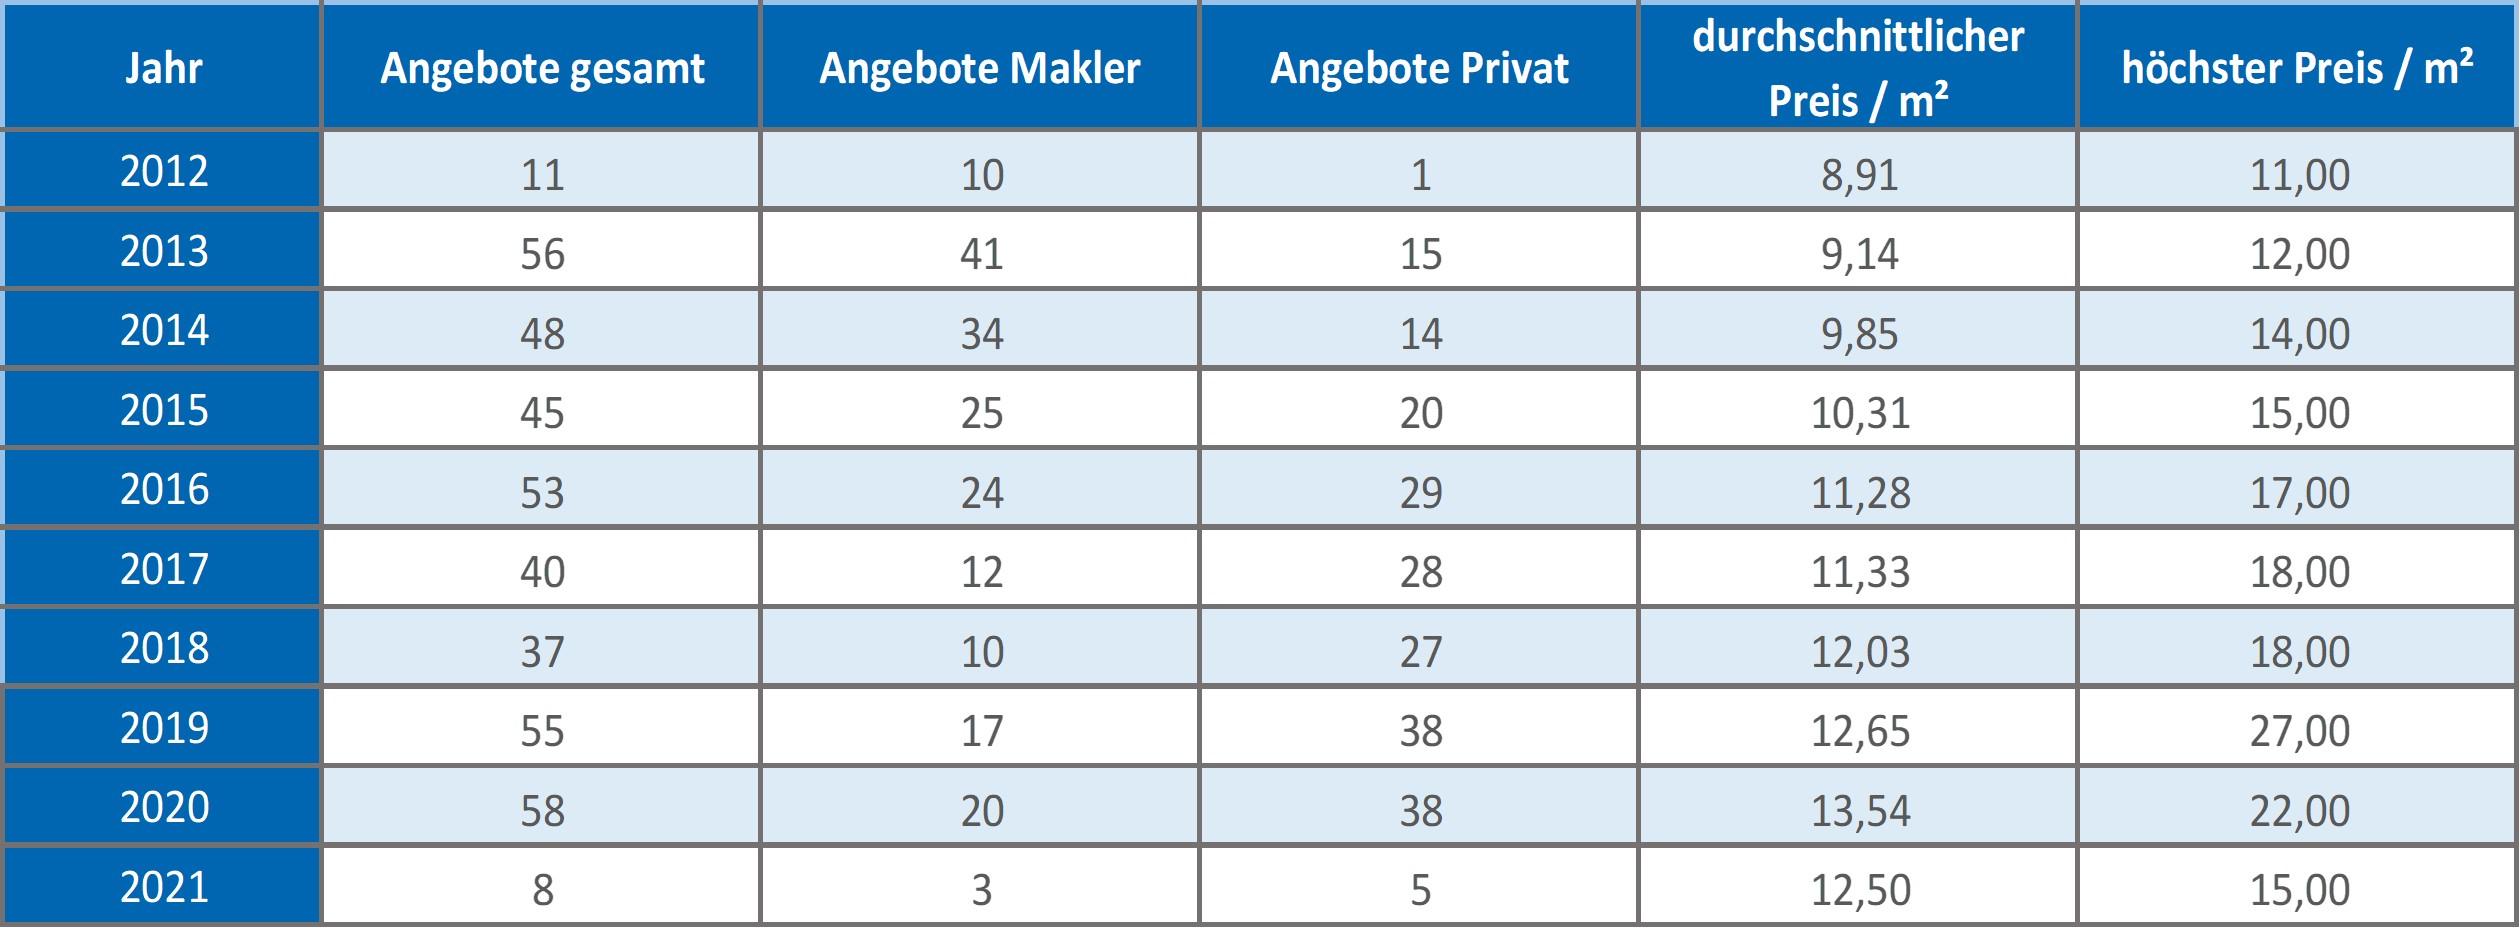 Emmering Haus mieten vermieten Preis Bewertung Makler www.happy-immo.de 2019 2020 2021